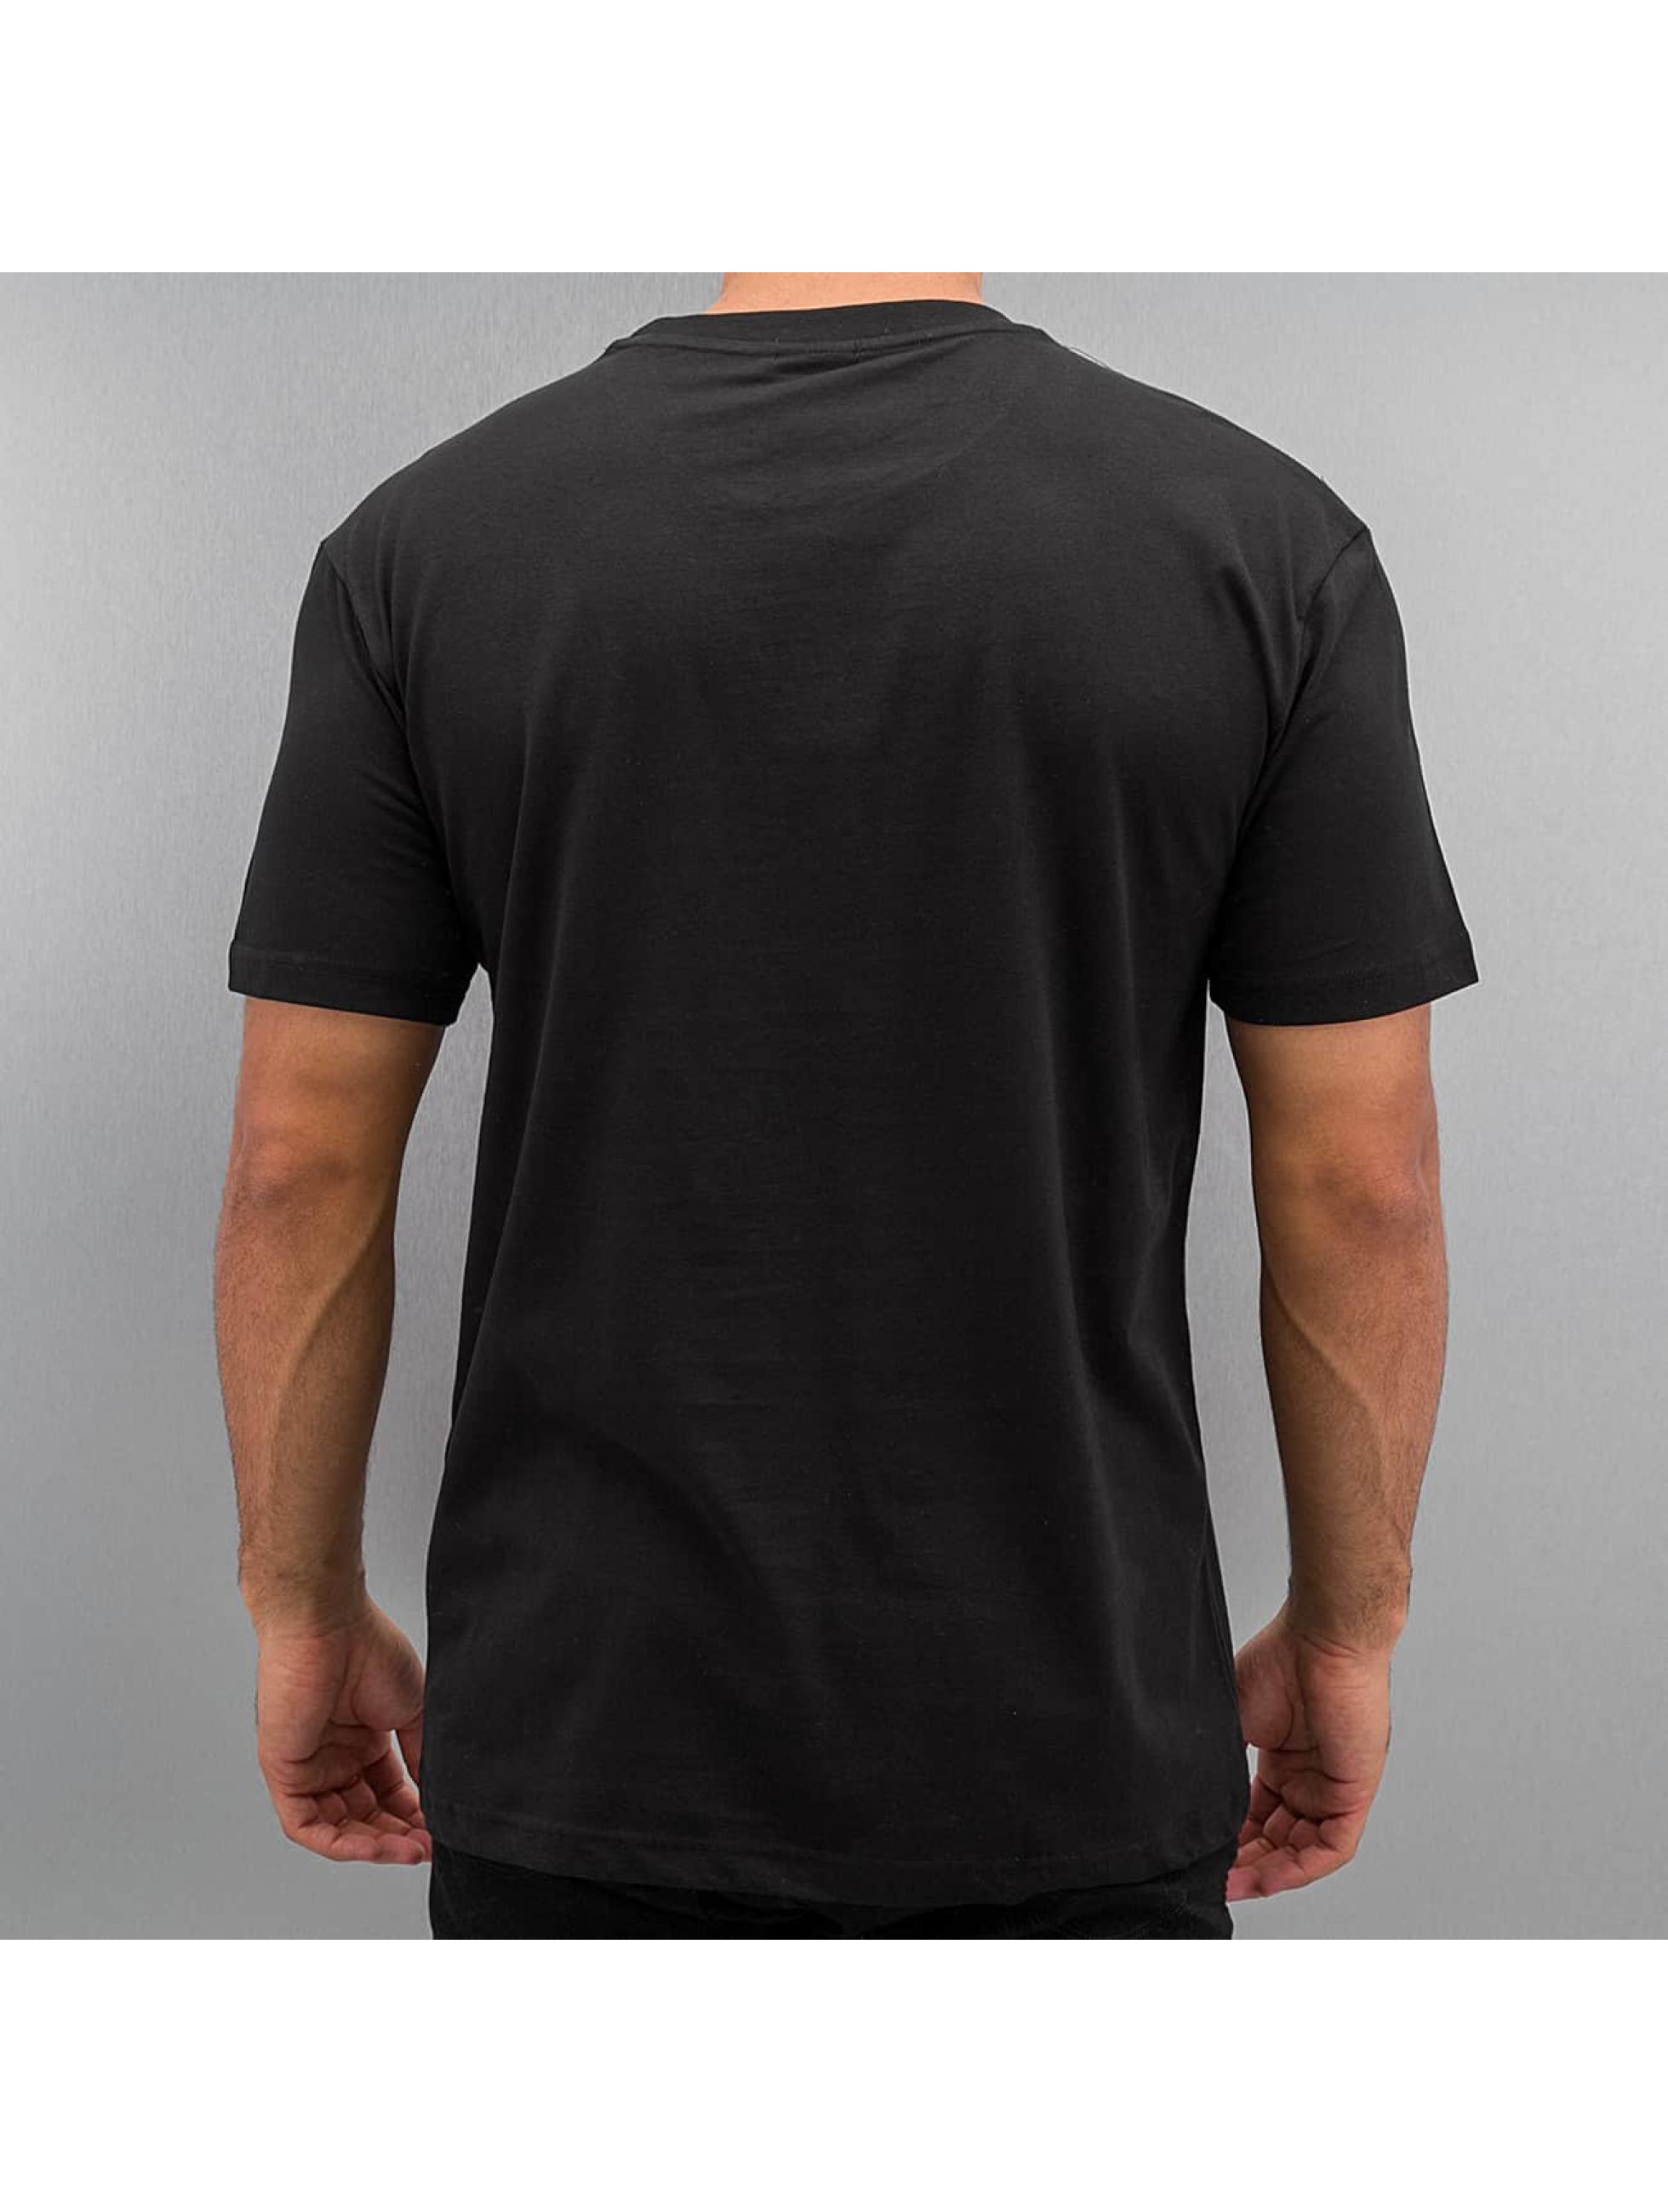 Amplified T-Shirt Run DMC Its Tricky noir